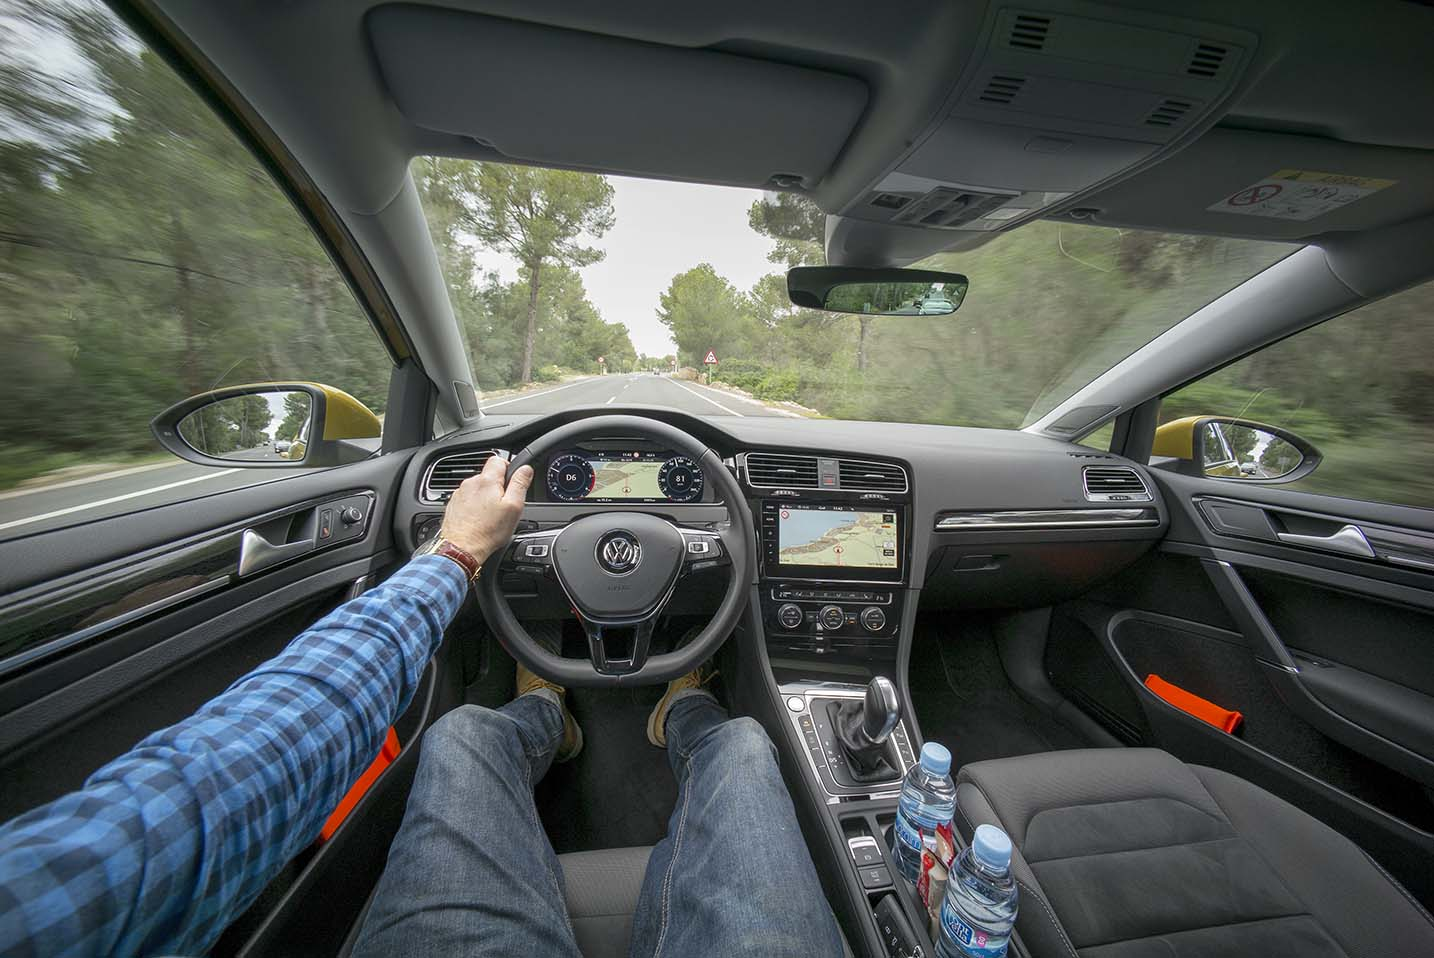 Förarmiljön i nya Golf följer upp Volkswagen-traditionen med bra men lite stram instrumentering. Nytt är större displayer både för den inställbara instrumentclustern och infotainment-displayen i mitten.